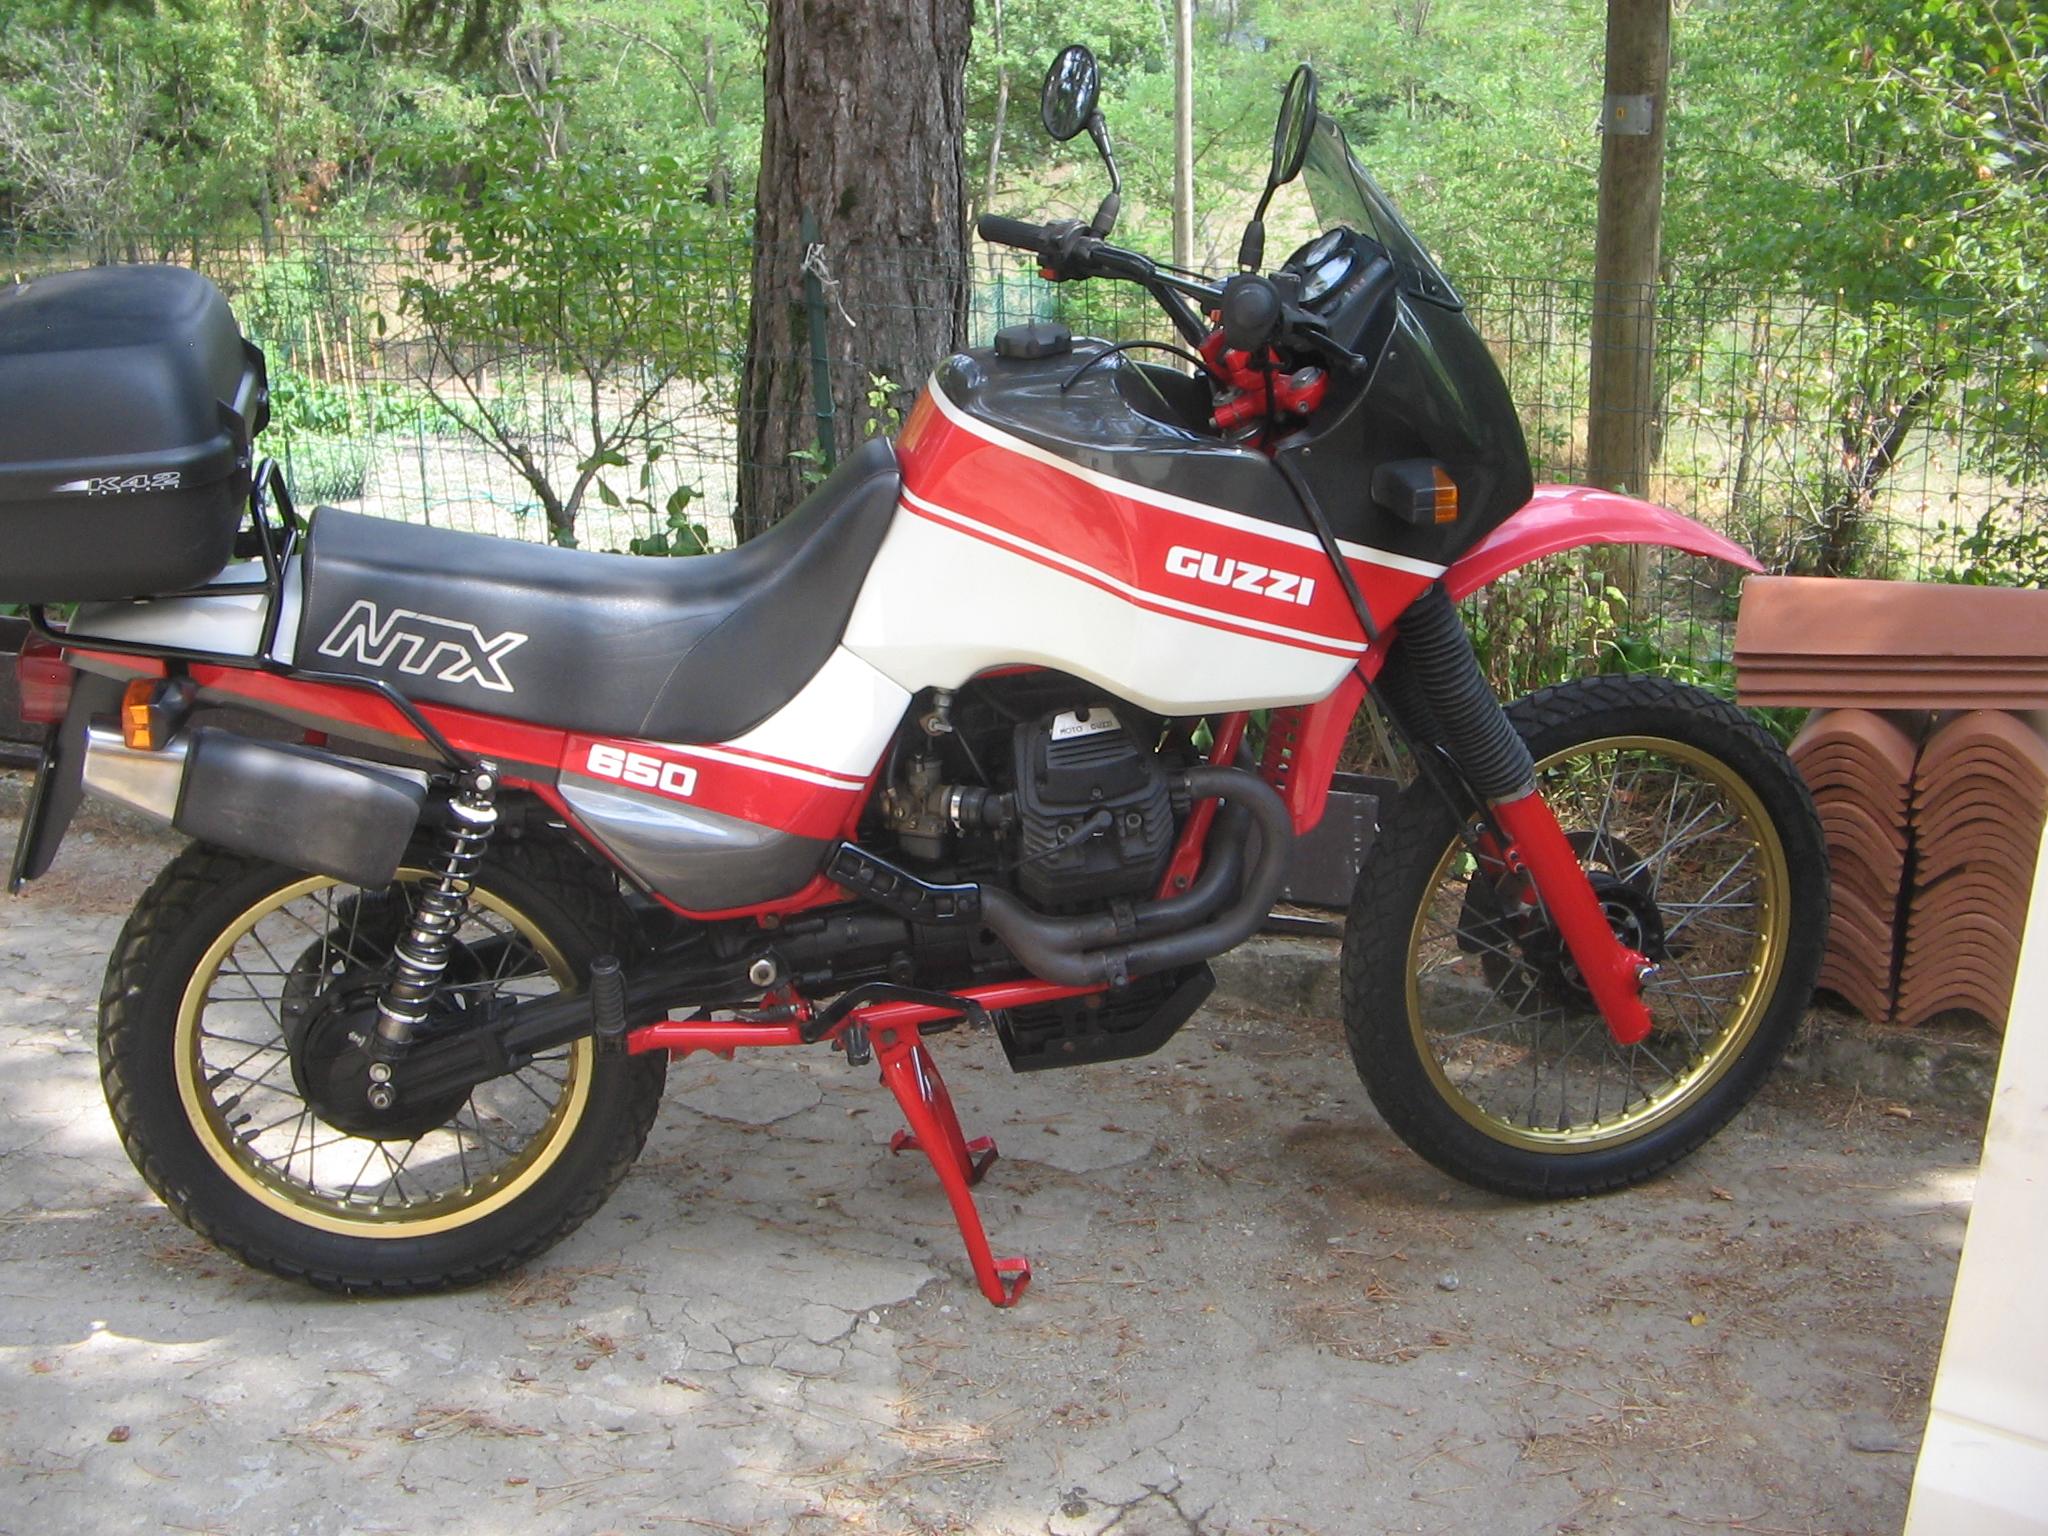 Moto guzzi v65 ntx